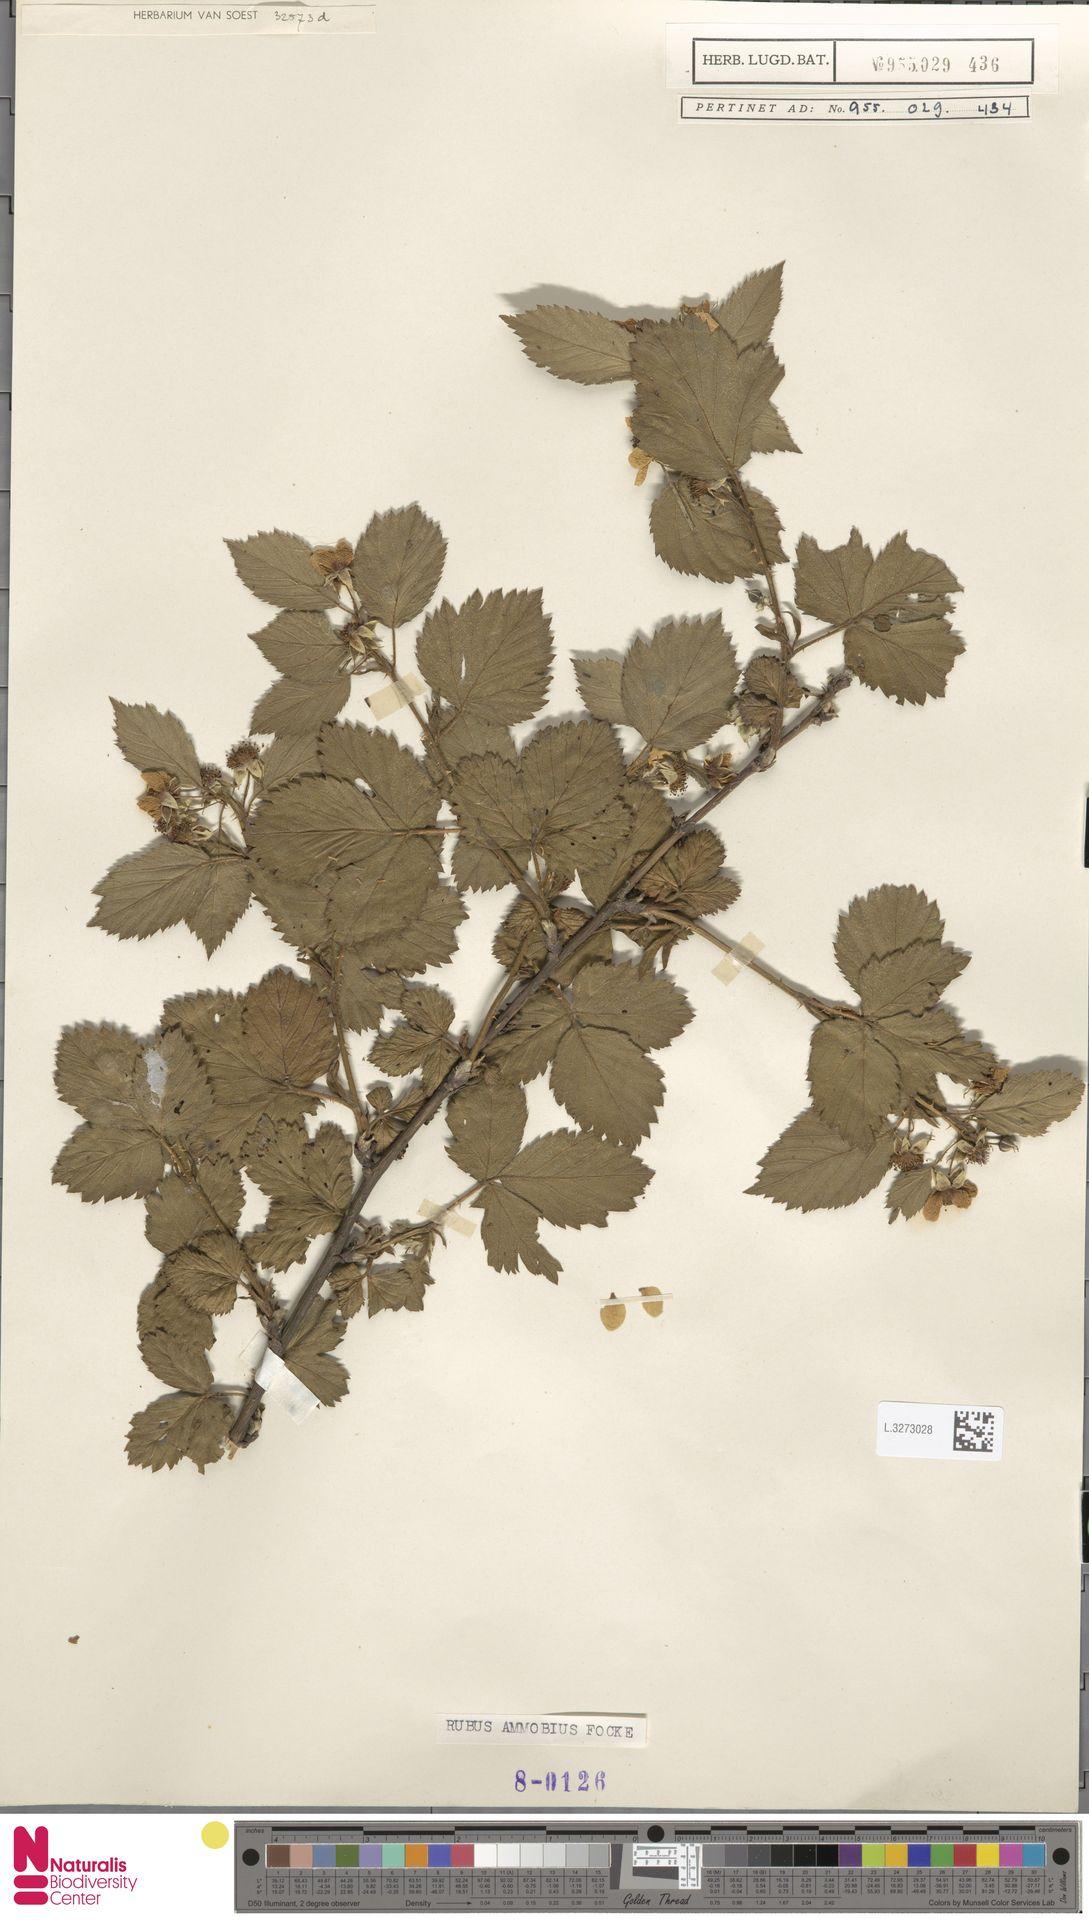 L.3273028 | Rubus ammobius Focke